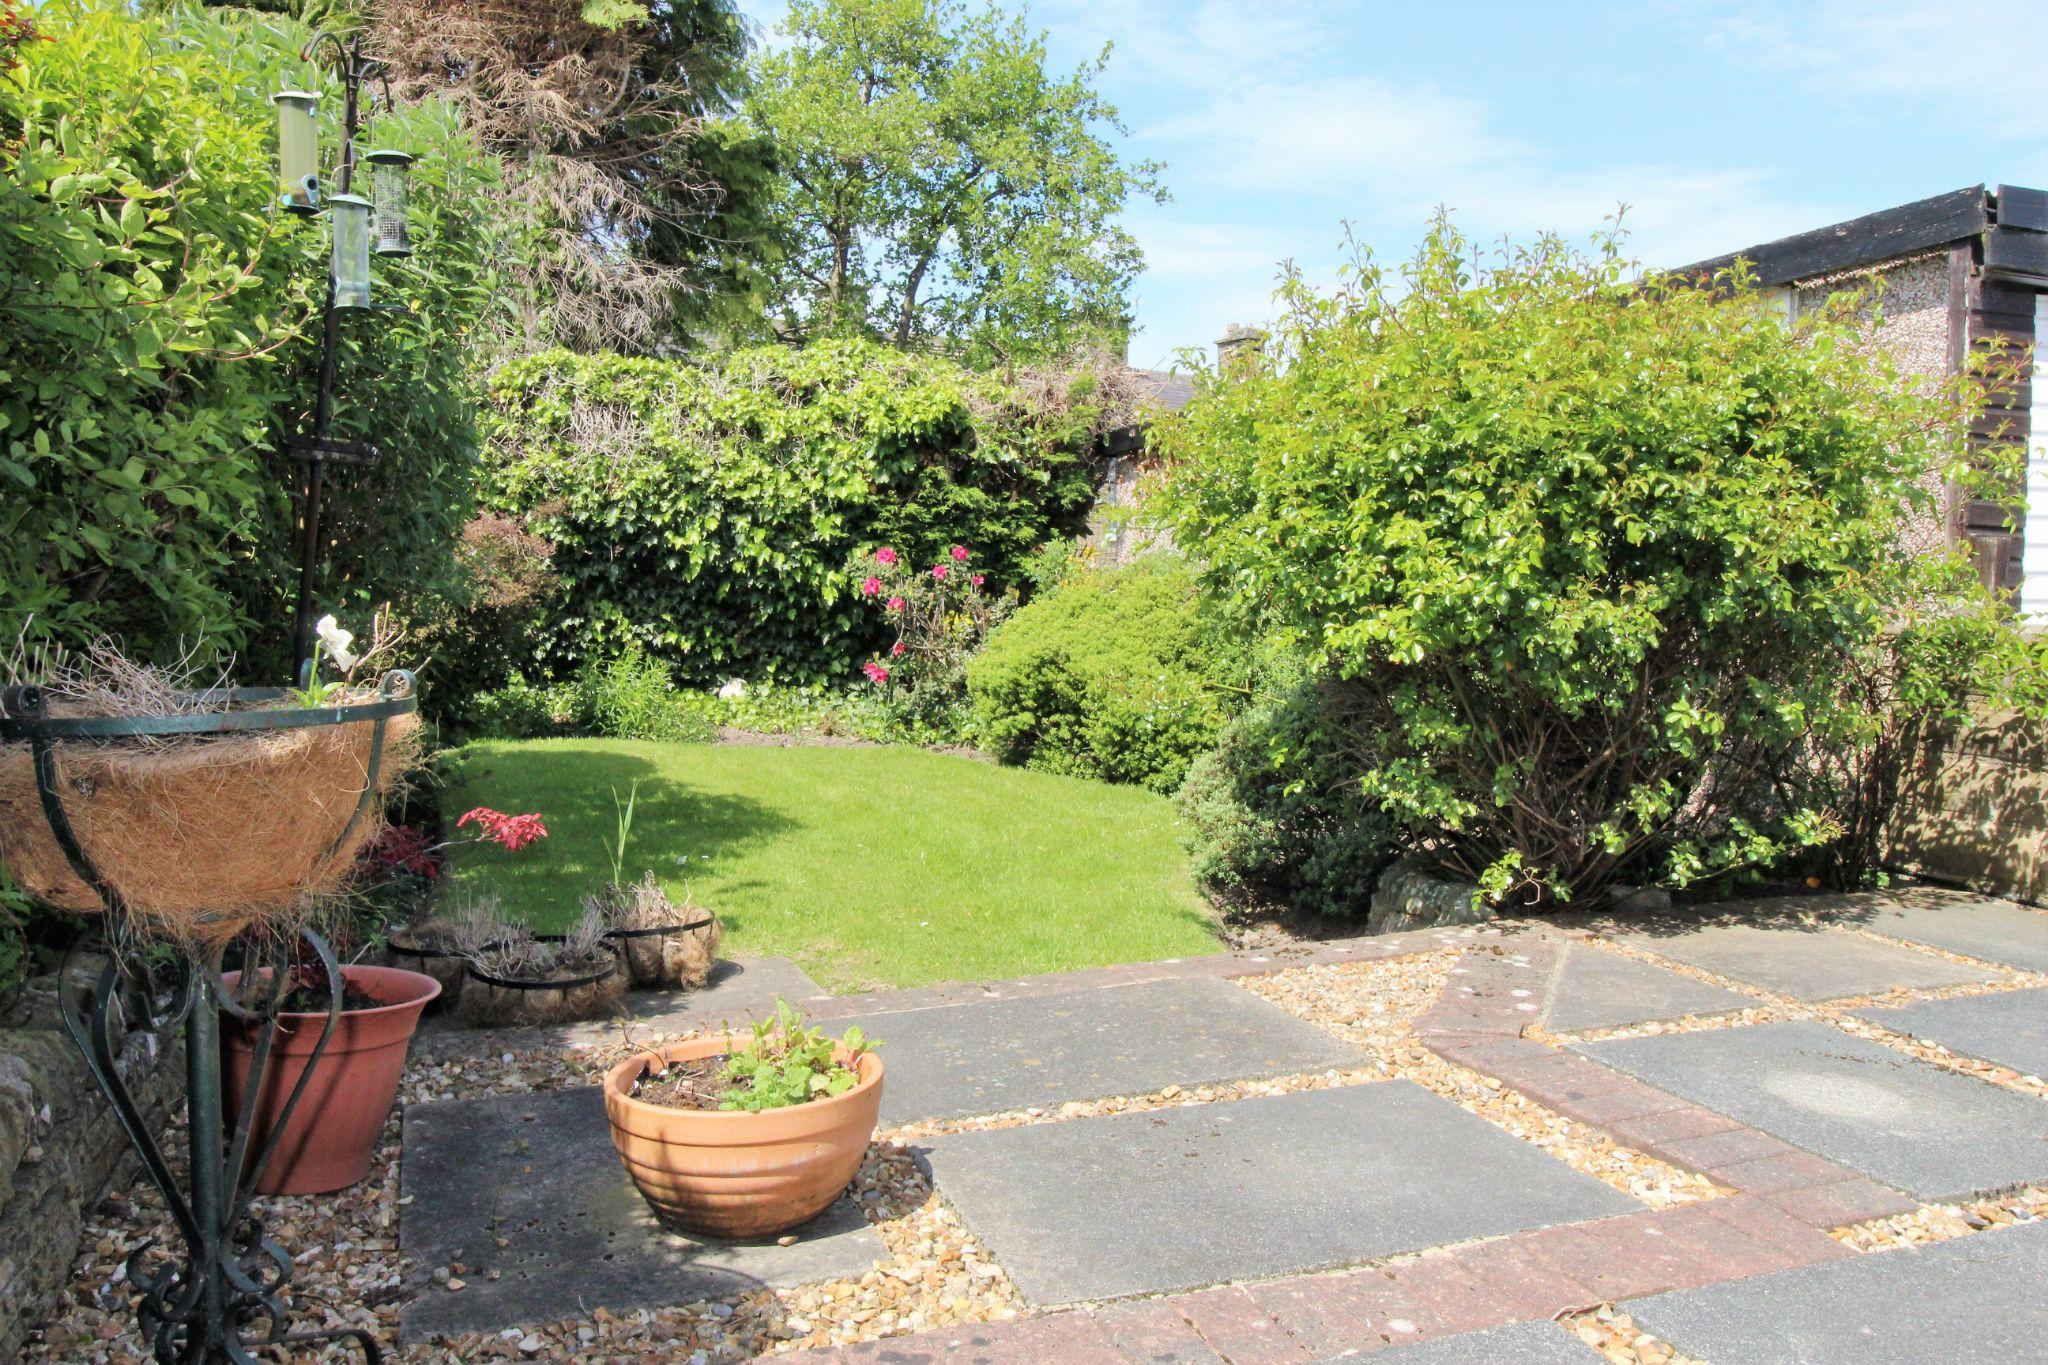 2 bedroom semi-detached bungalow SSTC in Bradford - Rear garden